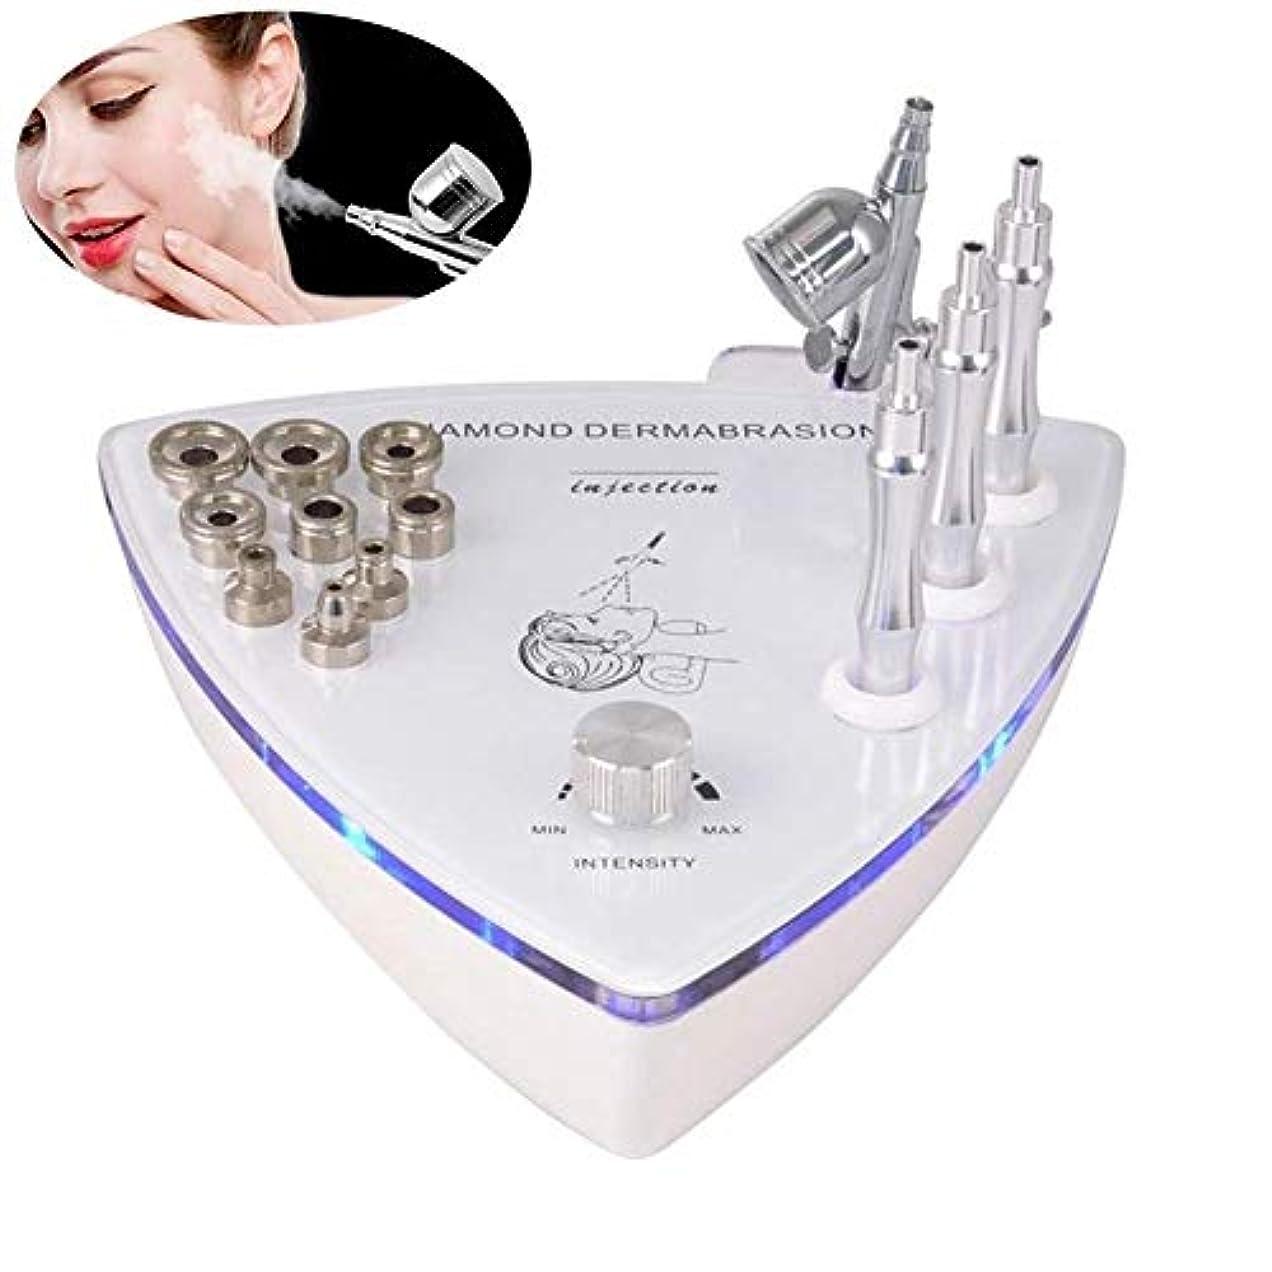 どこリハーサル煩わしいダイヤモンドのマイクロダーマブレーションDermabrasionマシン、スプレーガン家庭用装備のフェイシャルスキンケア美容機器(強力な吸引力:0-68cmHg)